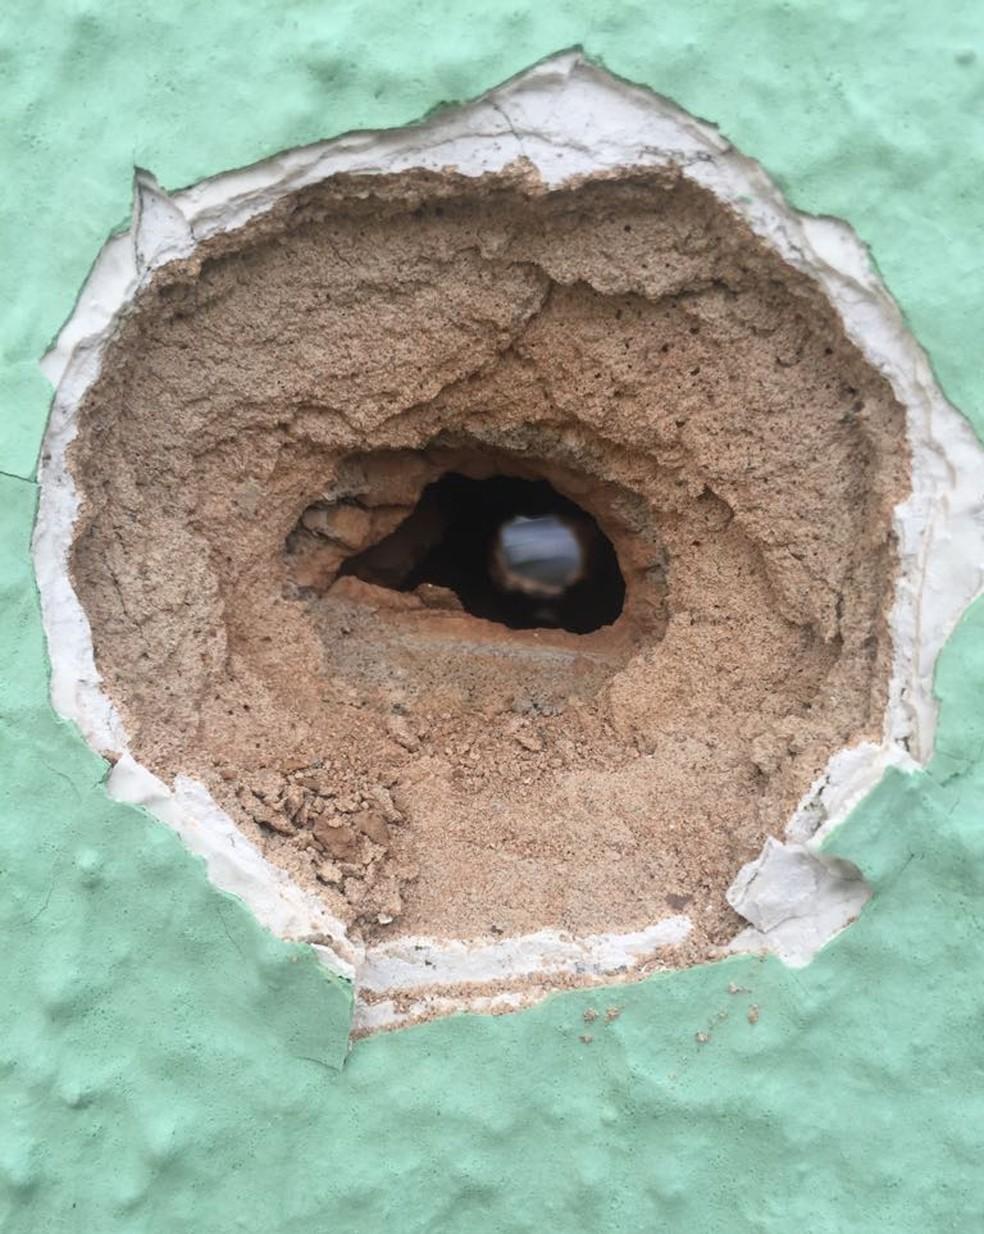 Marca de bala no prédio da Secretaria de Justiça, em Fortaleza. Homens atiraram contra o prédio e morreram em confronto com a polícia. (Foto: Alana Araújo/TVM)